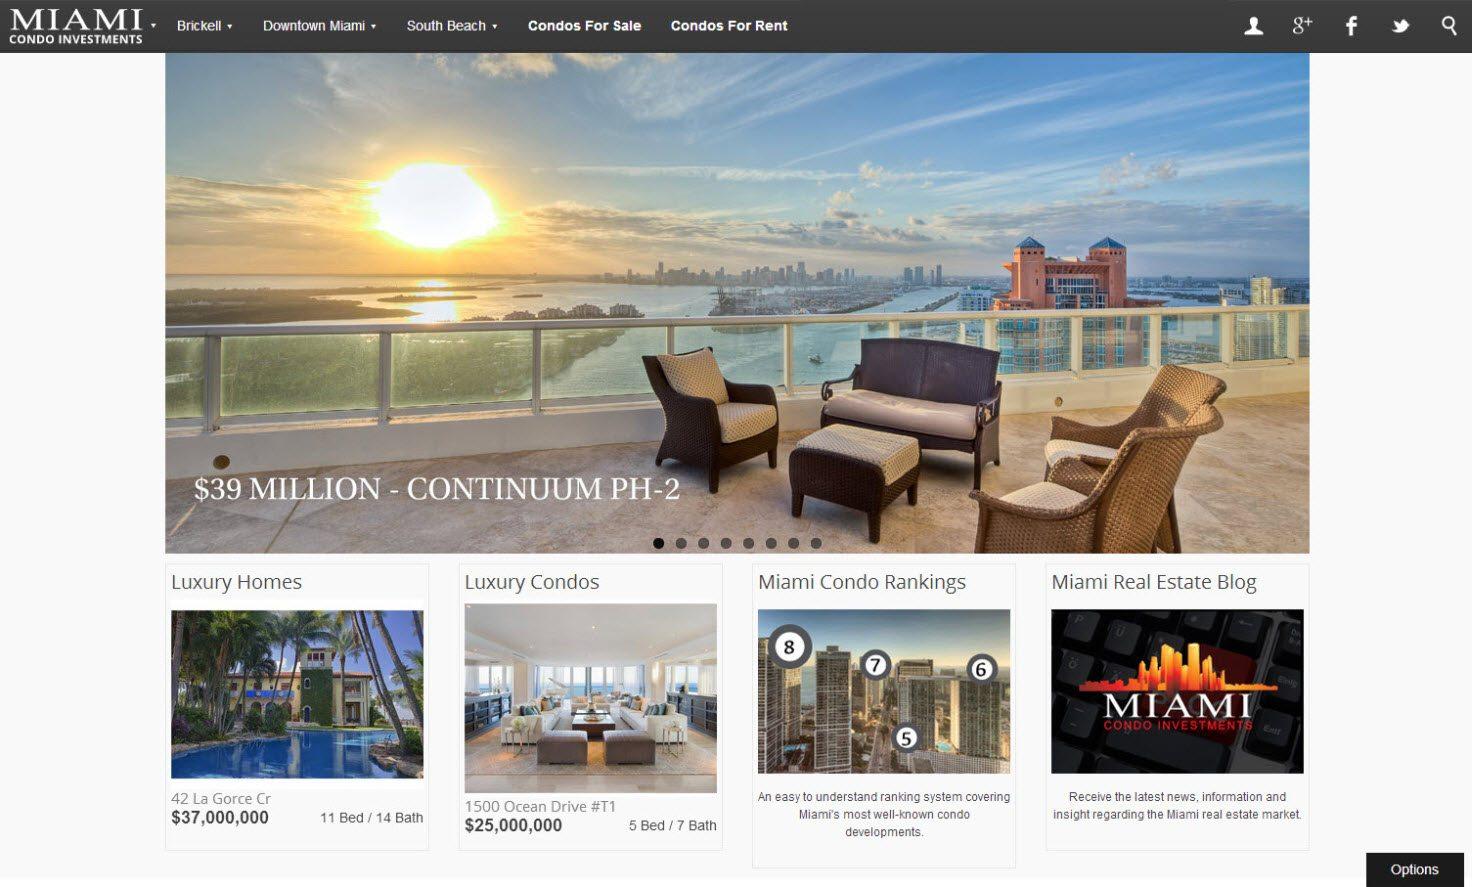 Miami Condo Investments new homepage